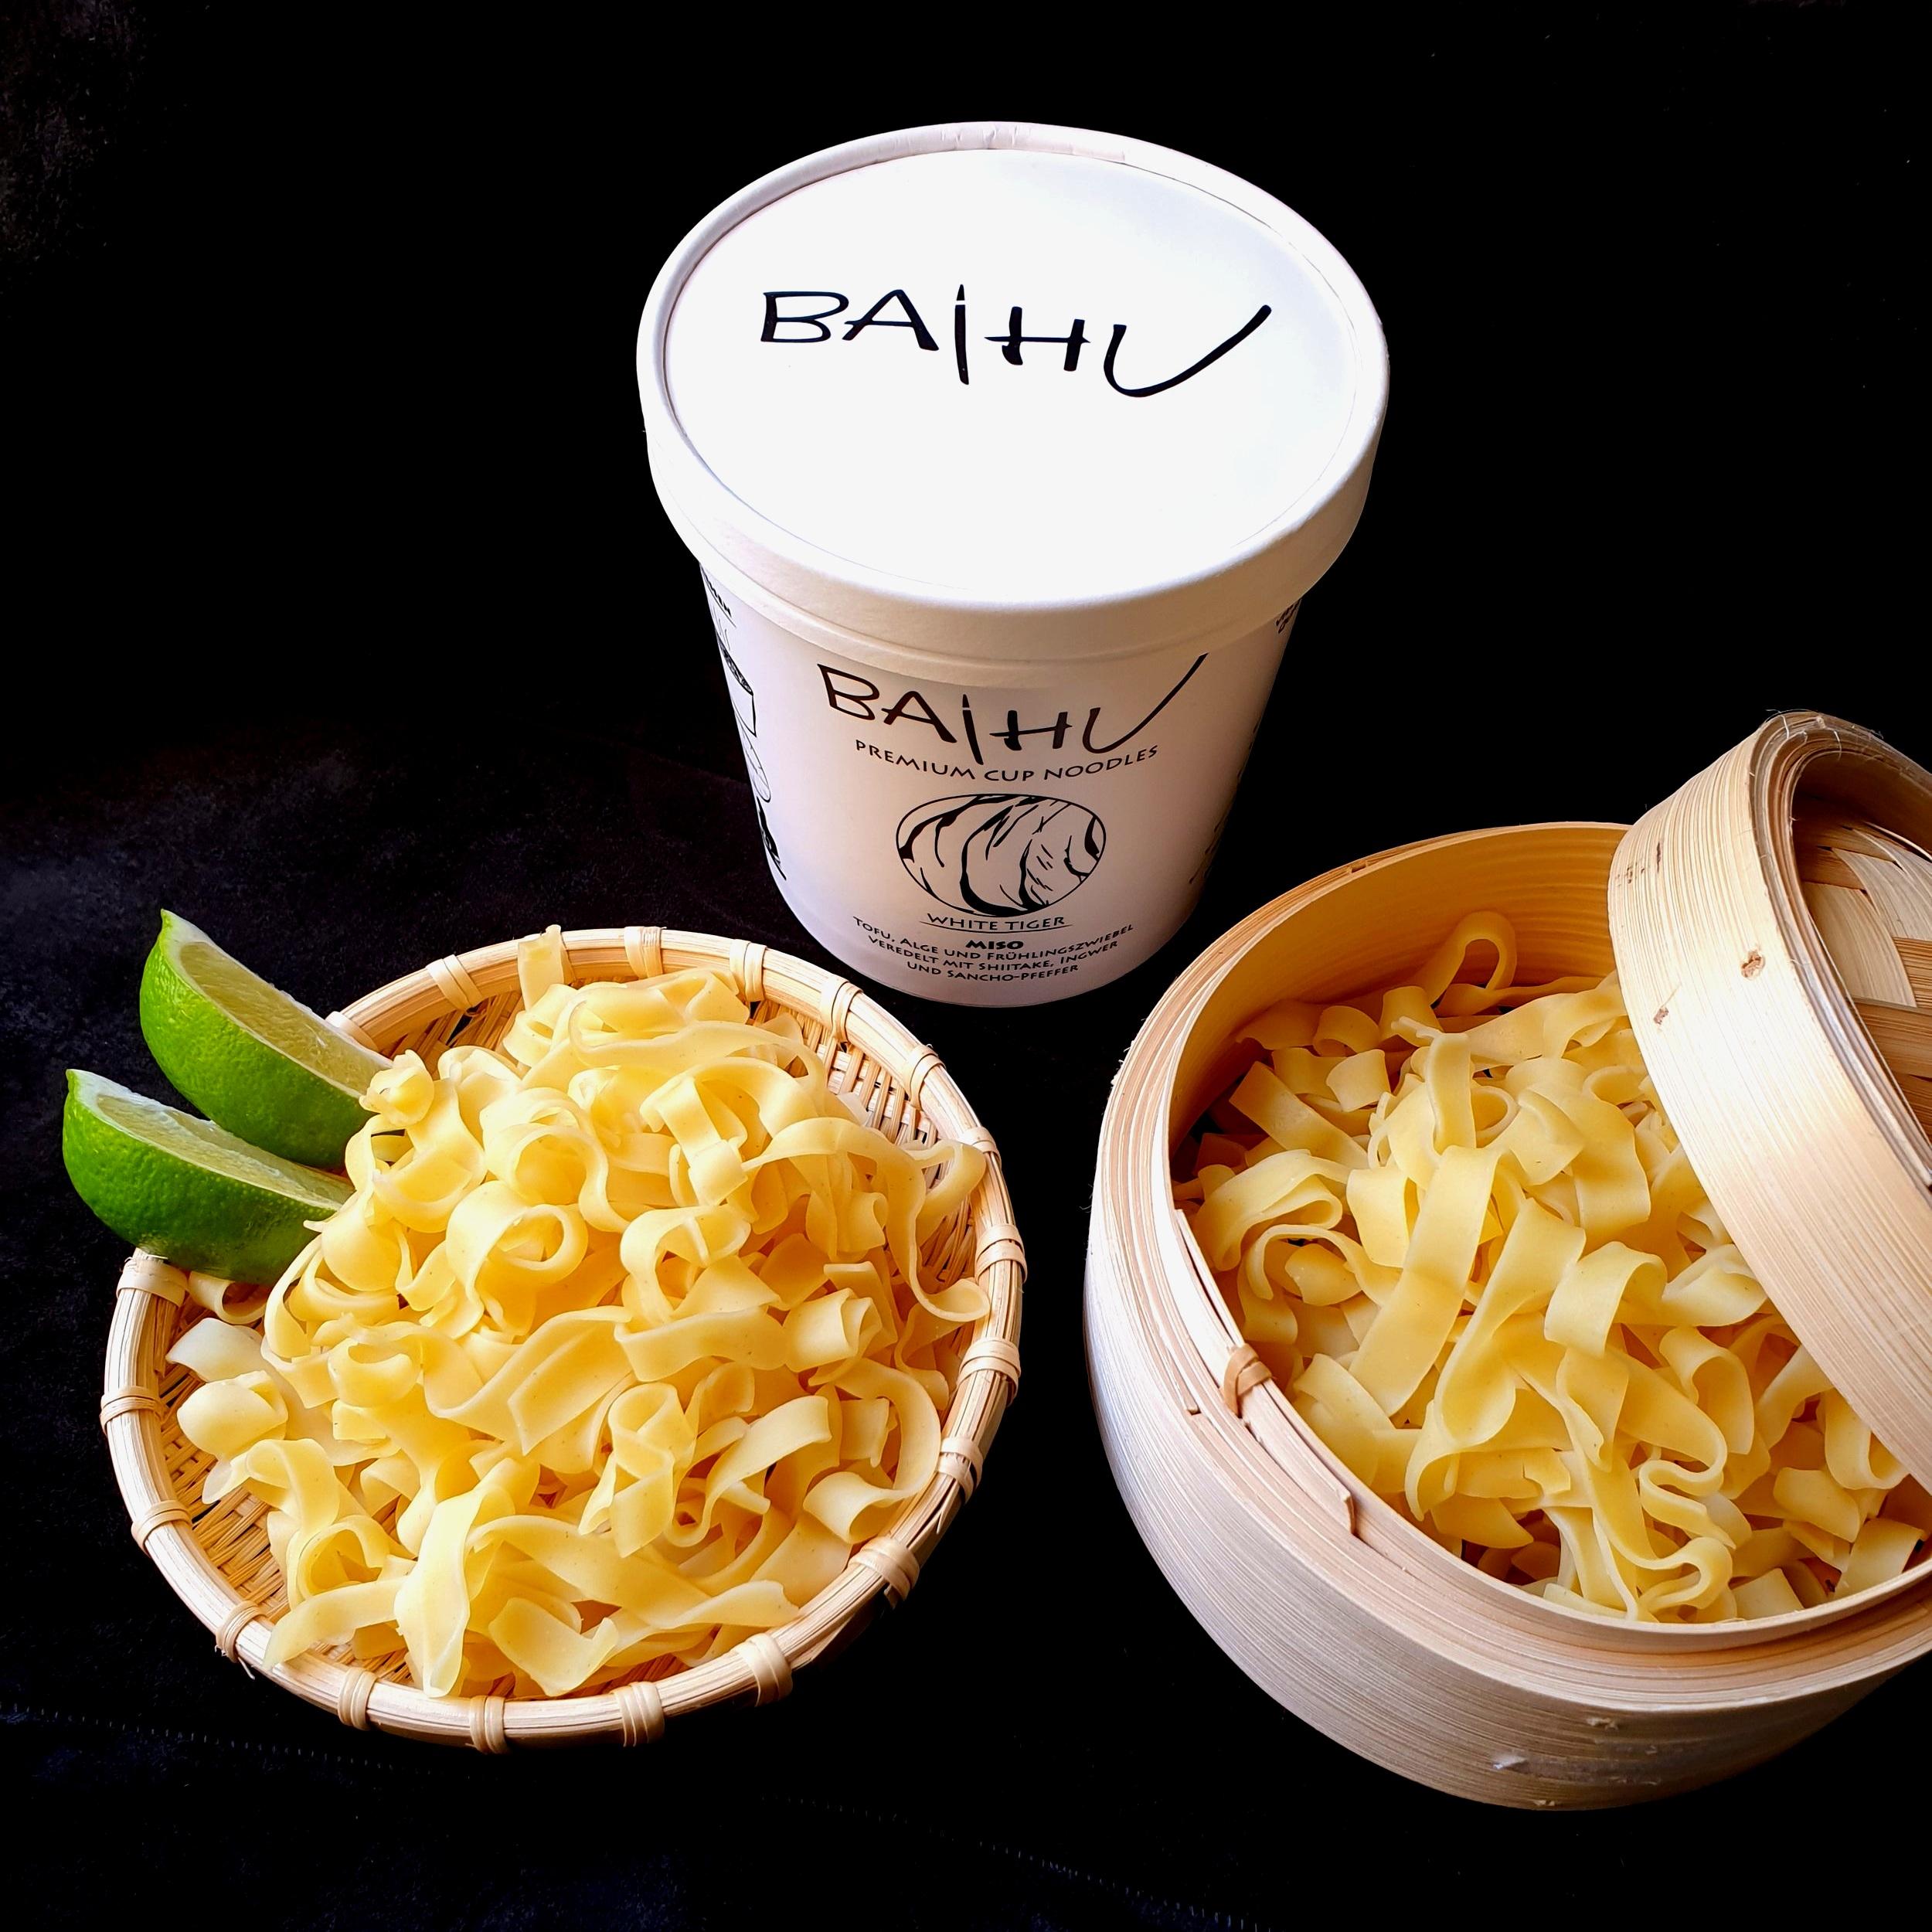 Baihu Instant Noodles Noodles.jpg